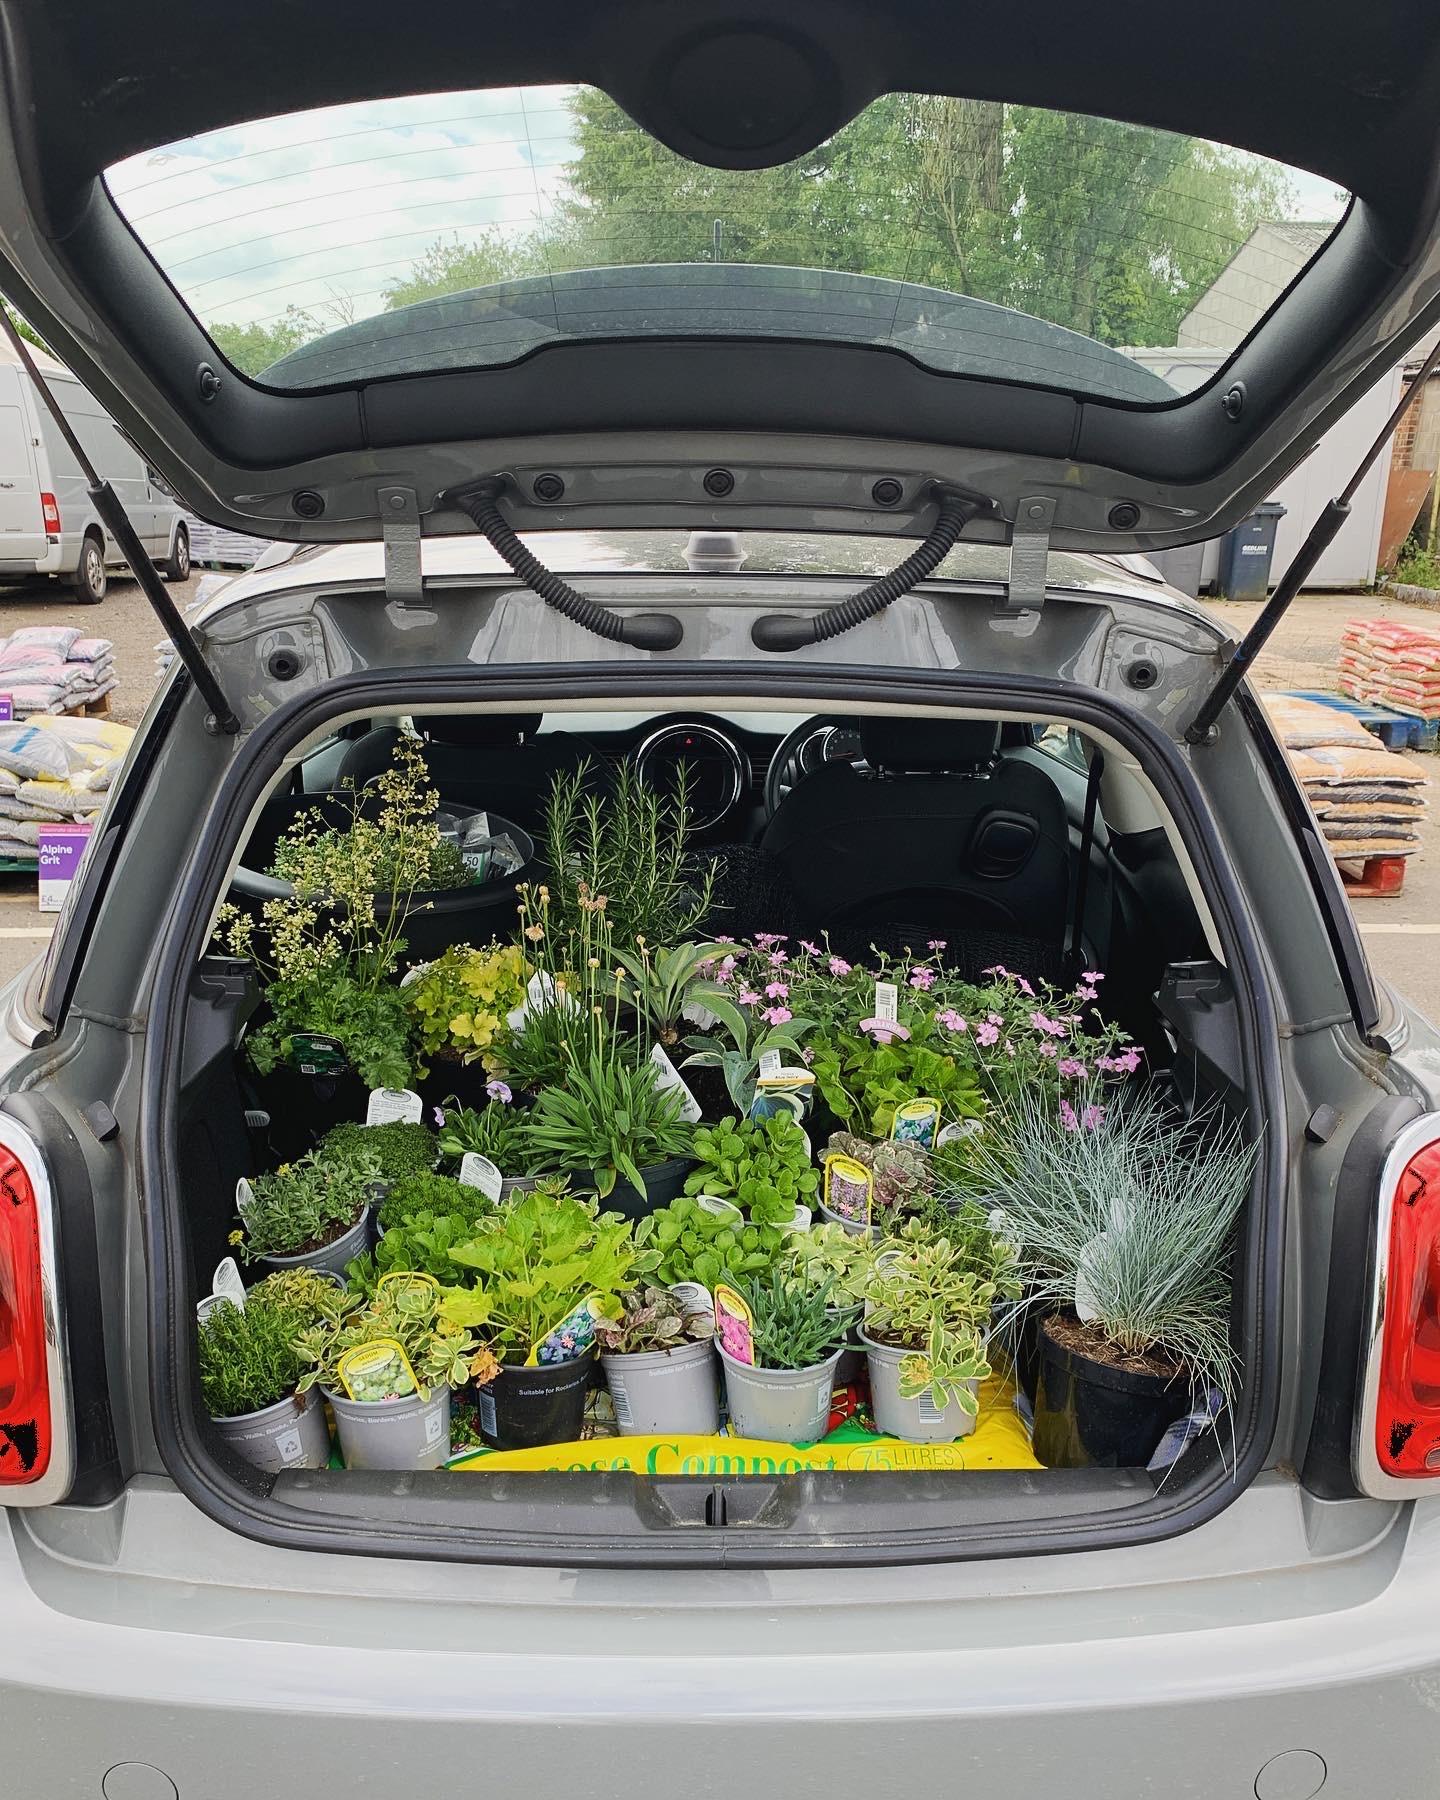 A car full of plants